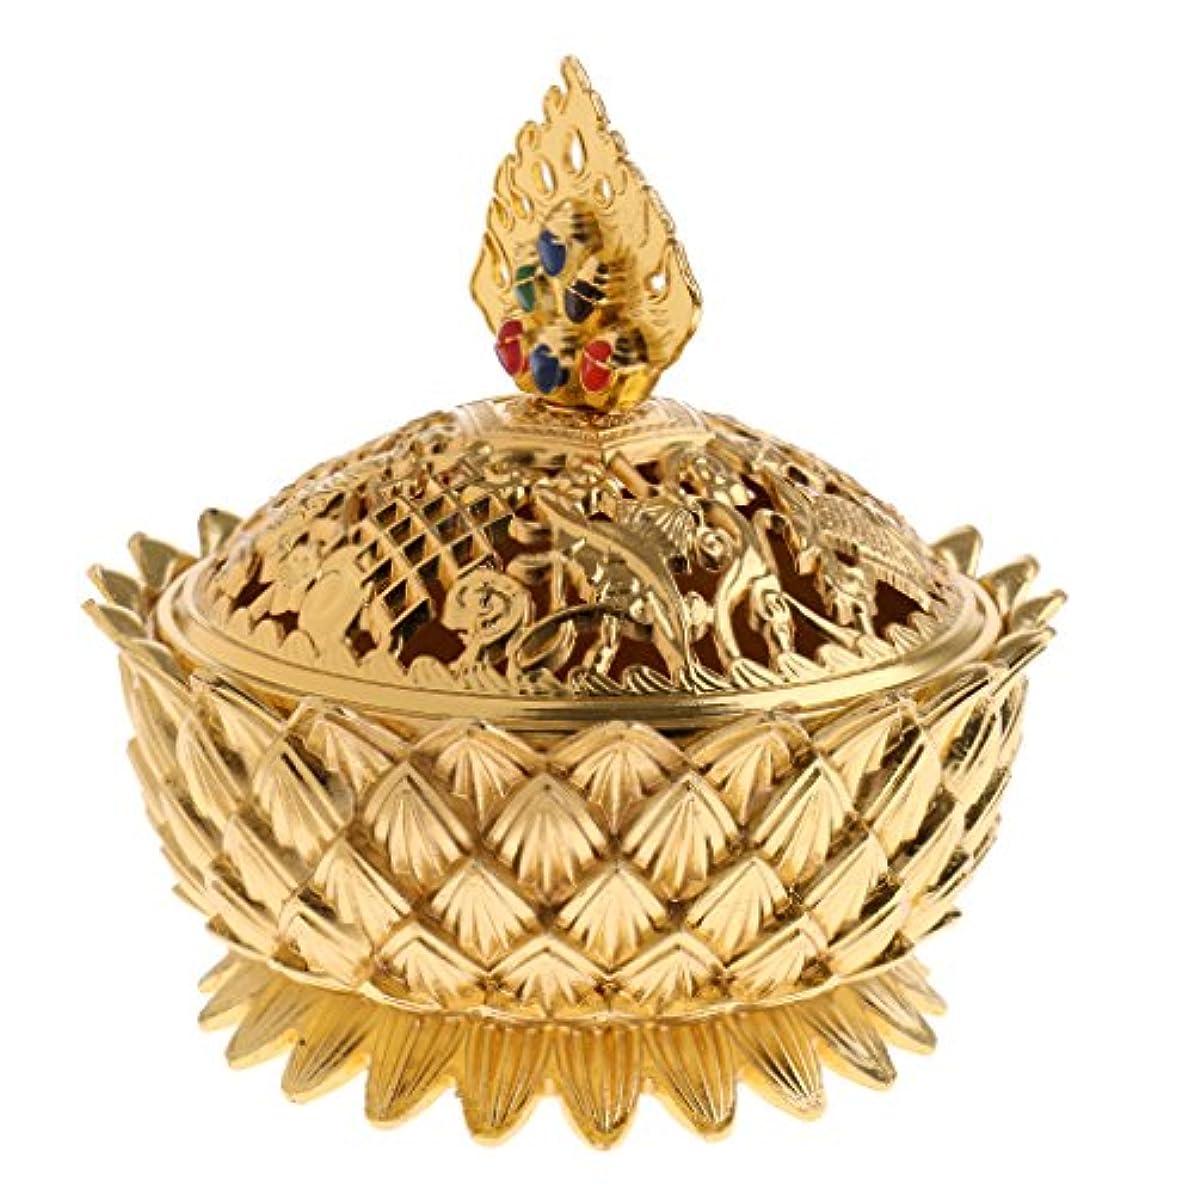 信じられない暴動こどもの宮殿チベット ロータス 合金 煙 香りバーナー コーン 香りホルダー 香炉 家 装飾 全3選択 - #1